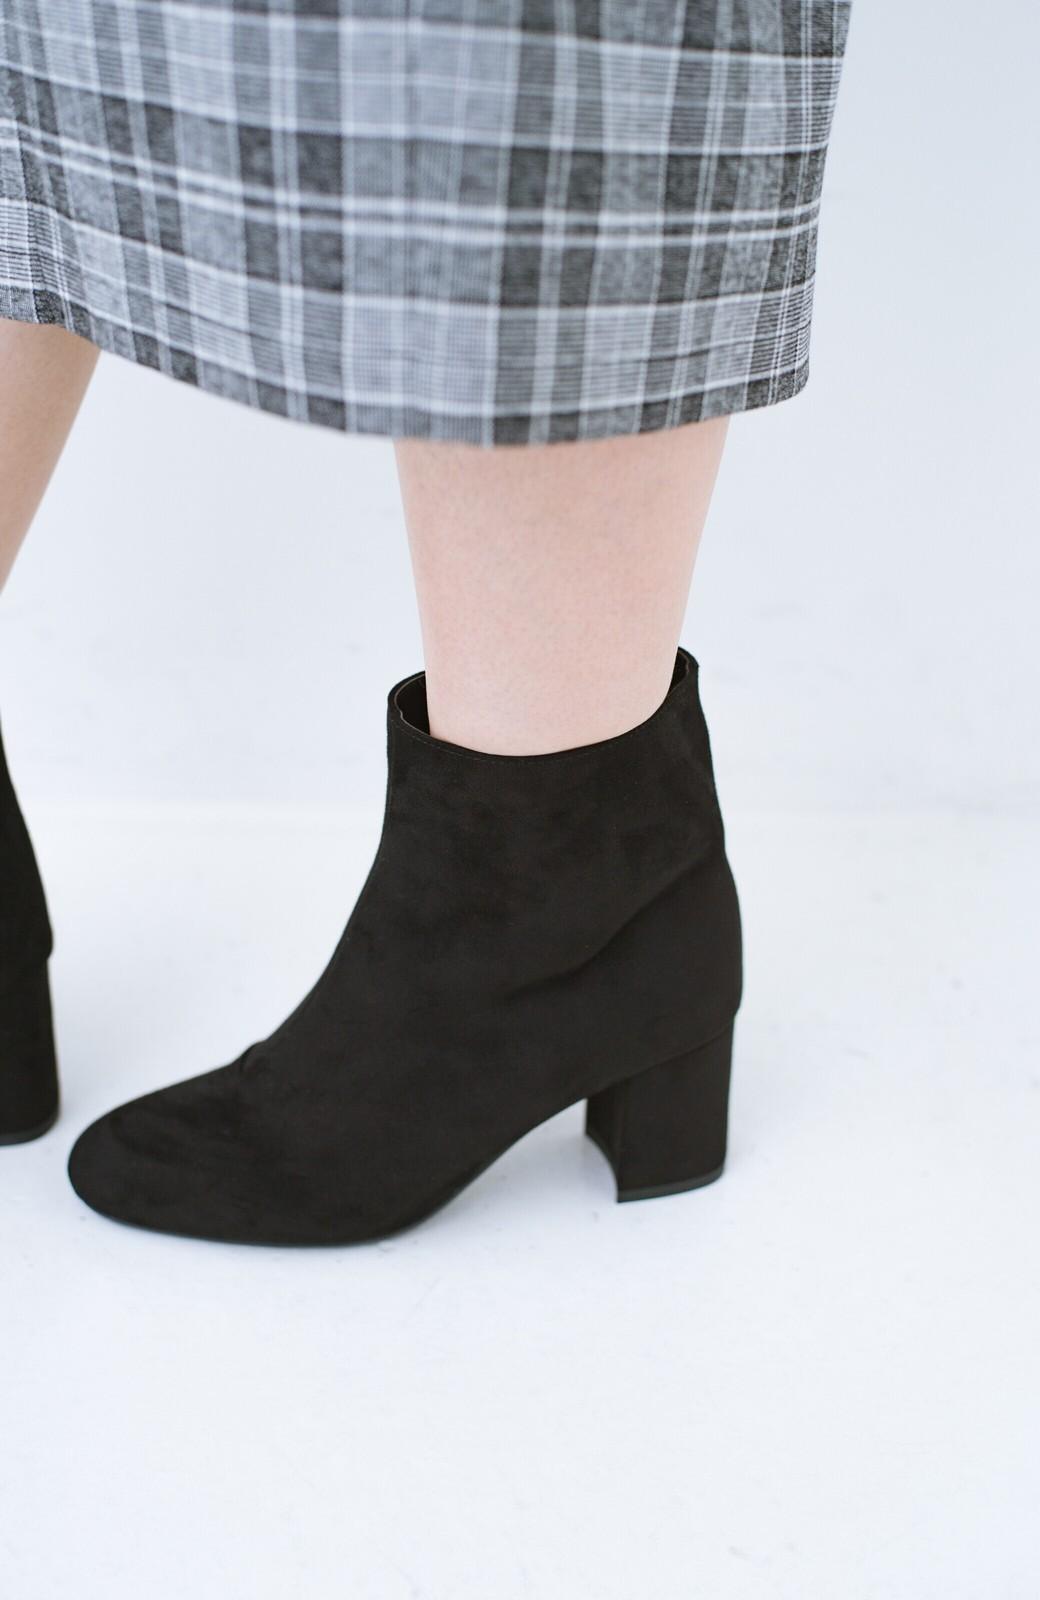 haco! パッと履いてスッときれいな女っぽブーツ <ブラック>の商品写真7